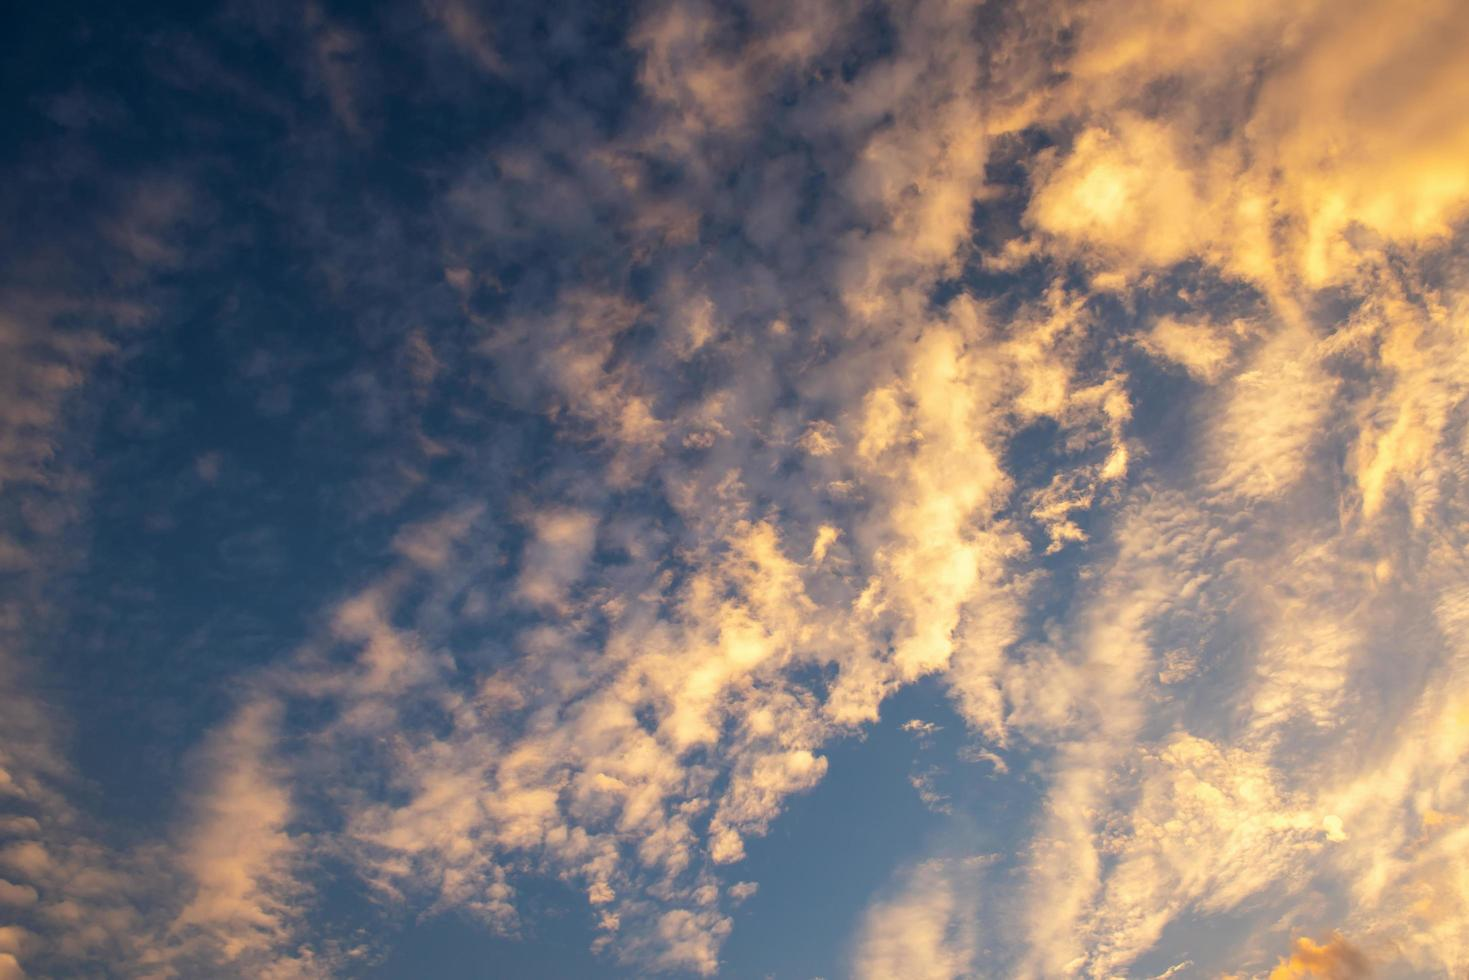 nuages jaunes et orange et ciel bleu photo